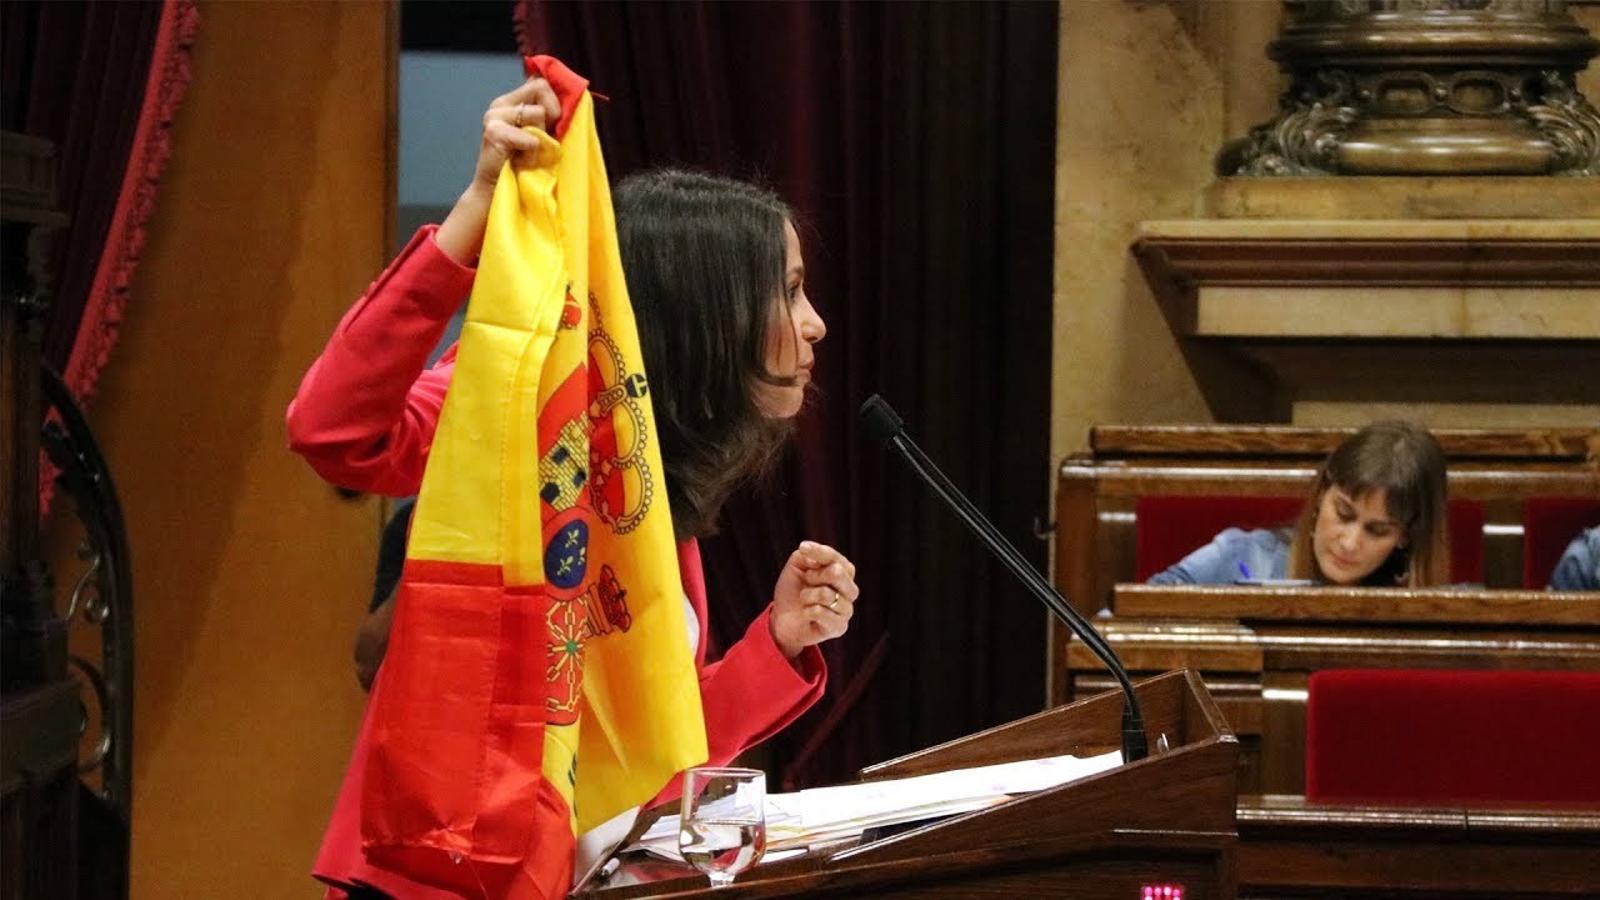 """Arrimadas: """"Vostès insulten i humilien milions de catalans"""""""